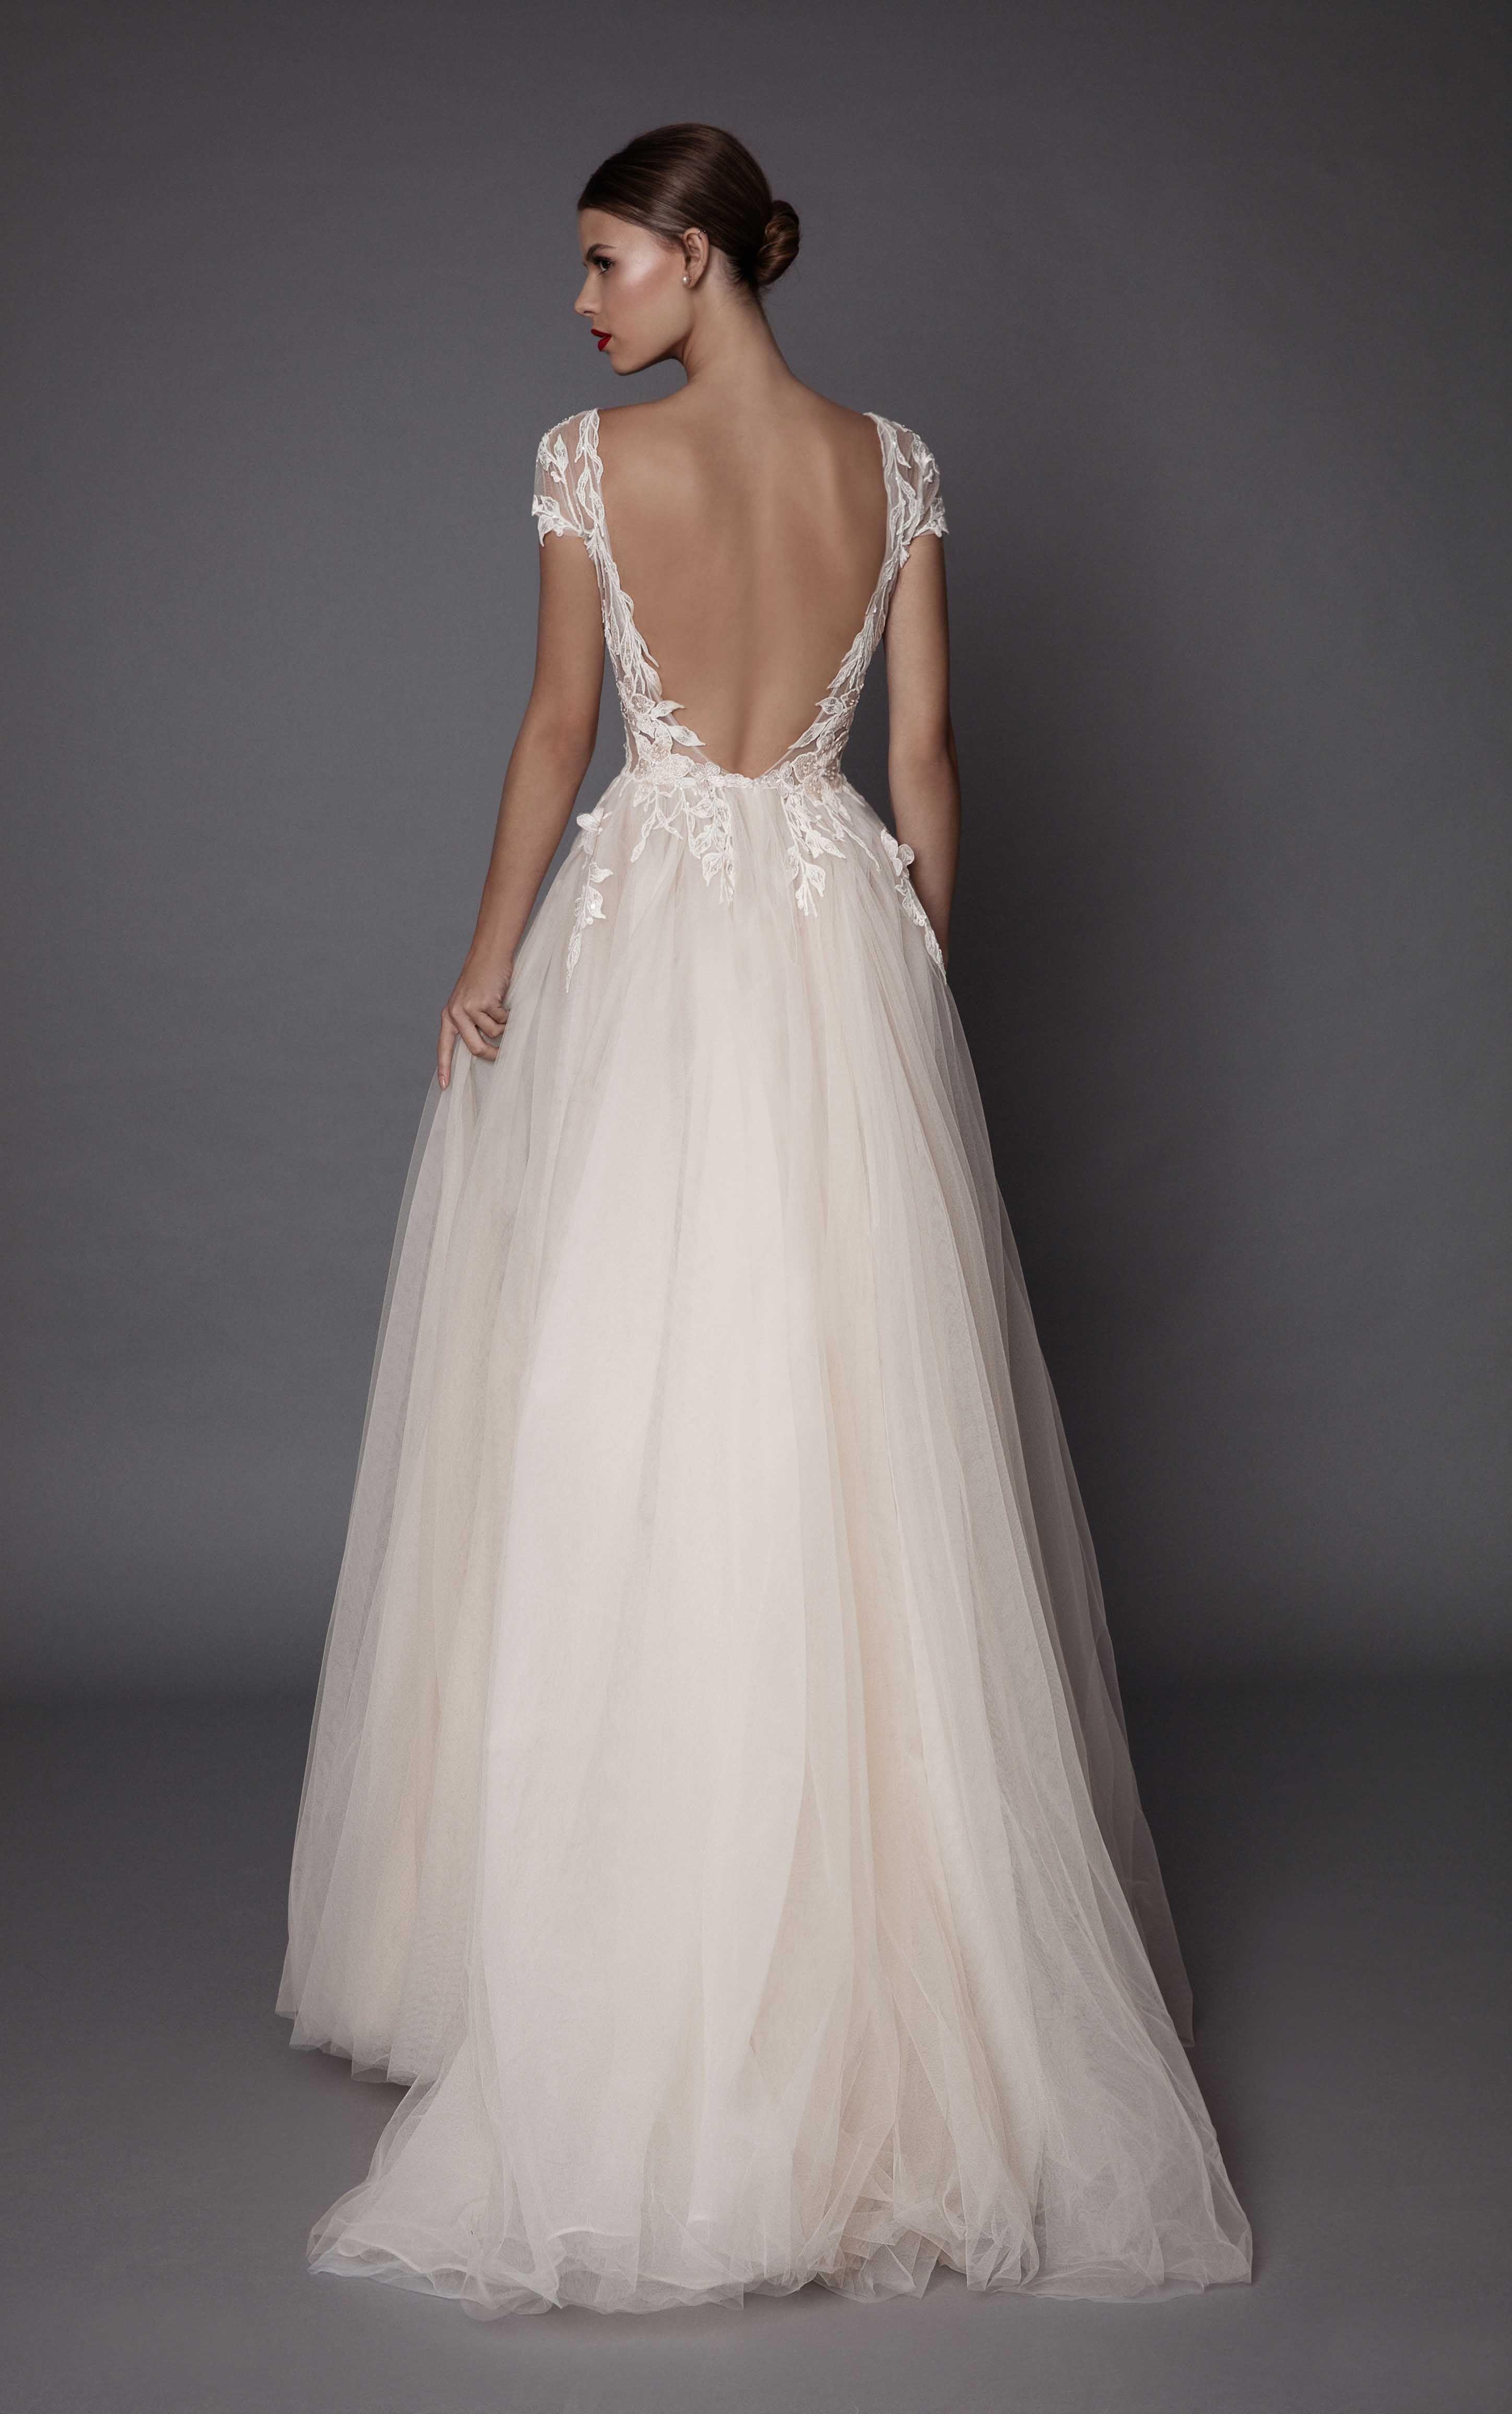 Brautkleid, Hochzeitskleid, rückenfrei, Spitze, mit Cap Ärmeln ...